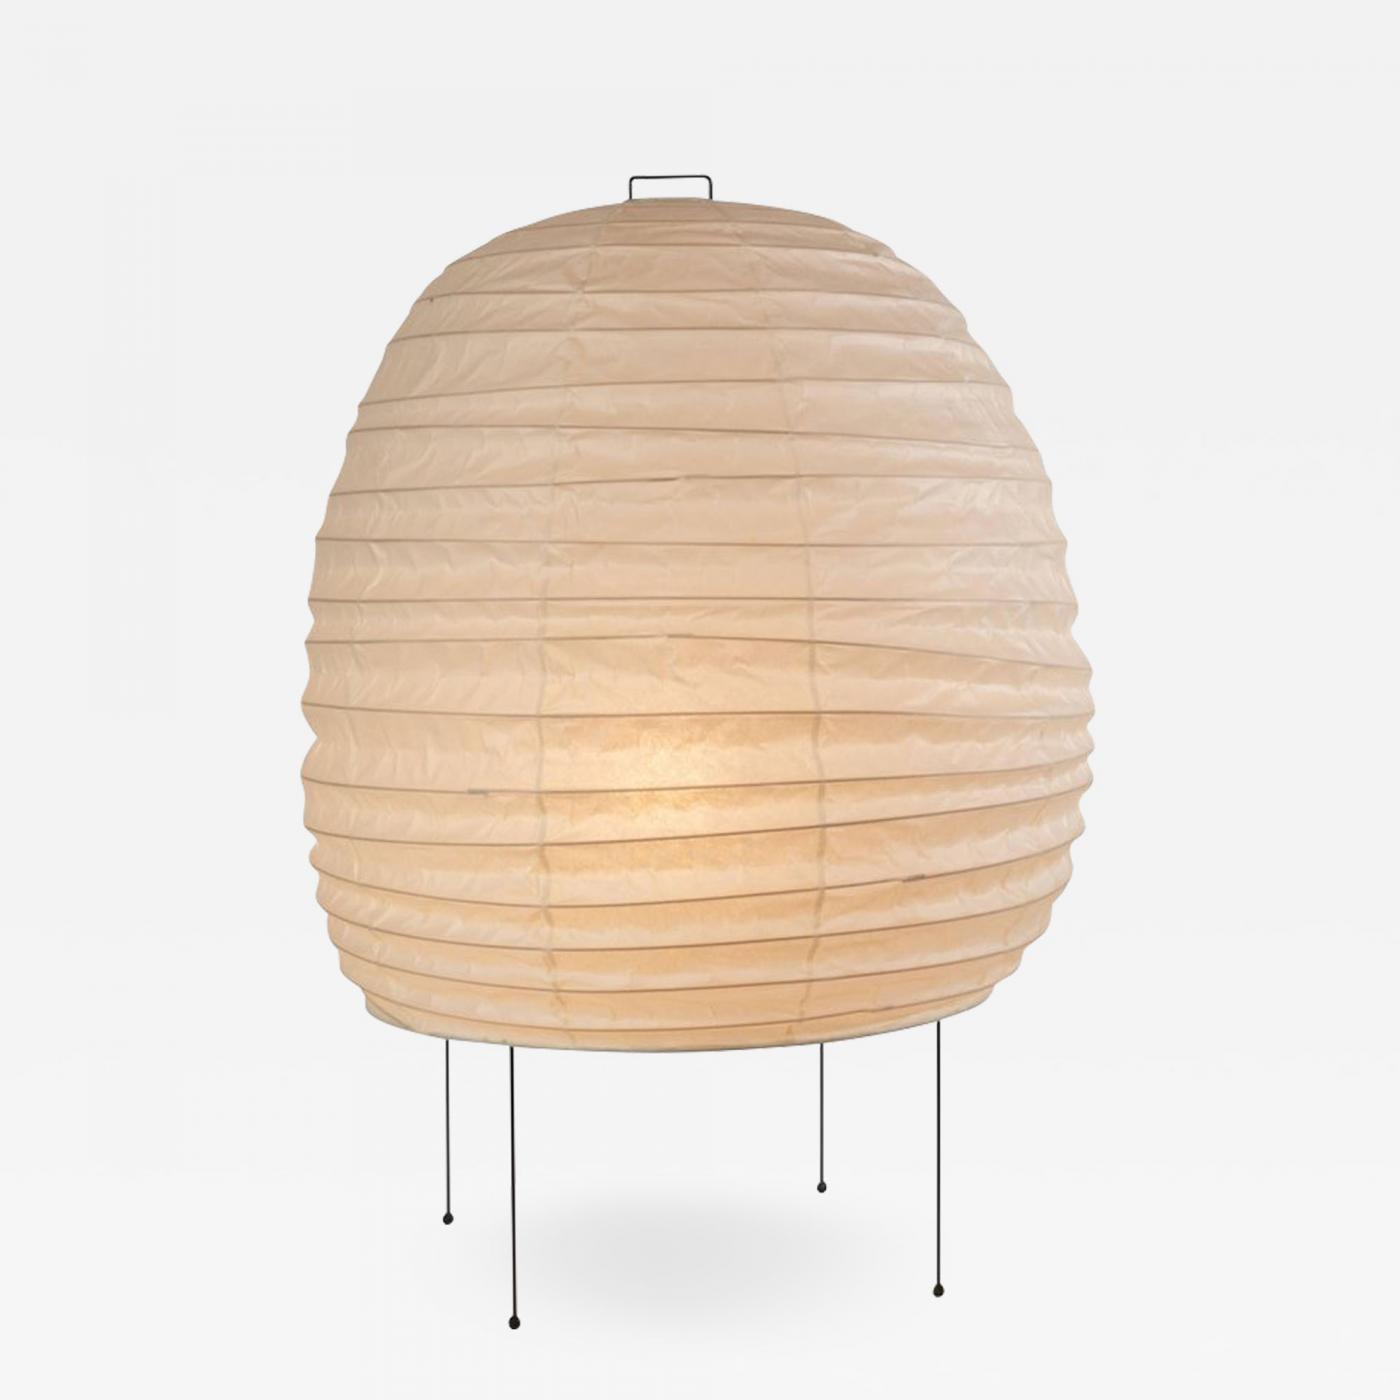 Akari furniture Furniture Design Akari Model 20n Light Sculpture By Isamu Noguchi Incollect Isamu Noguchi Akari Model 20n Light Sculpture By Isamu Noguchi